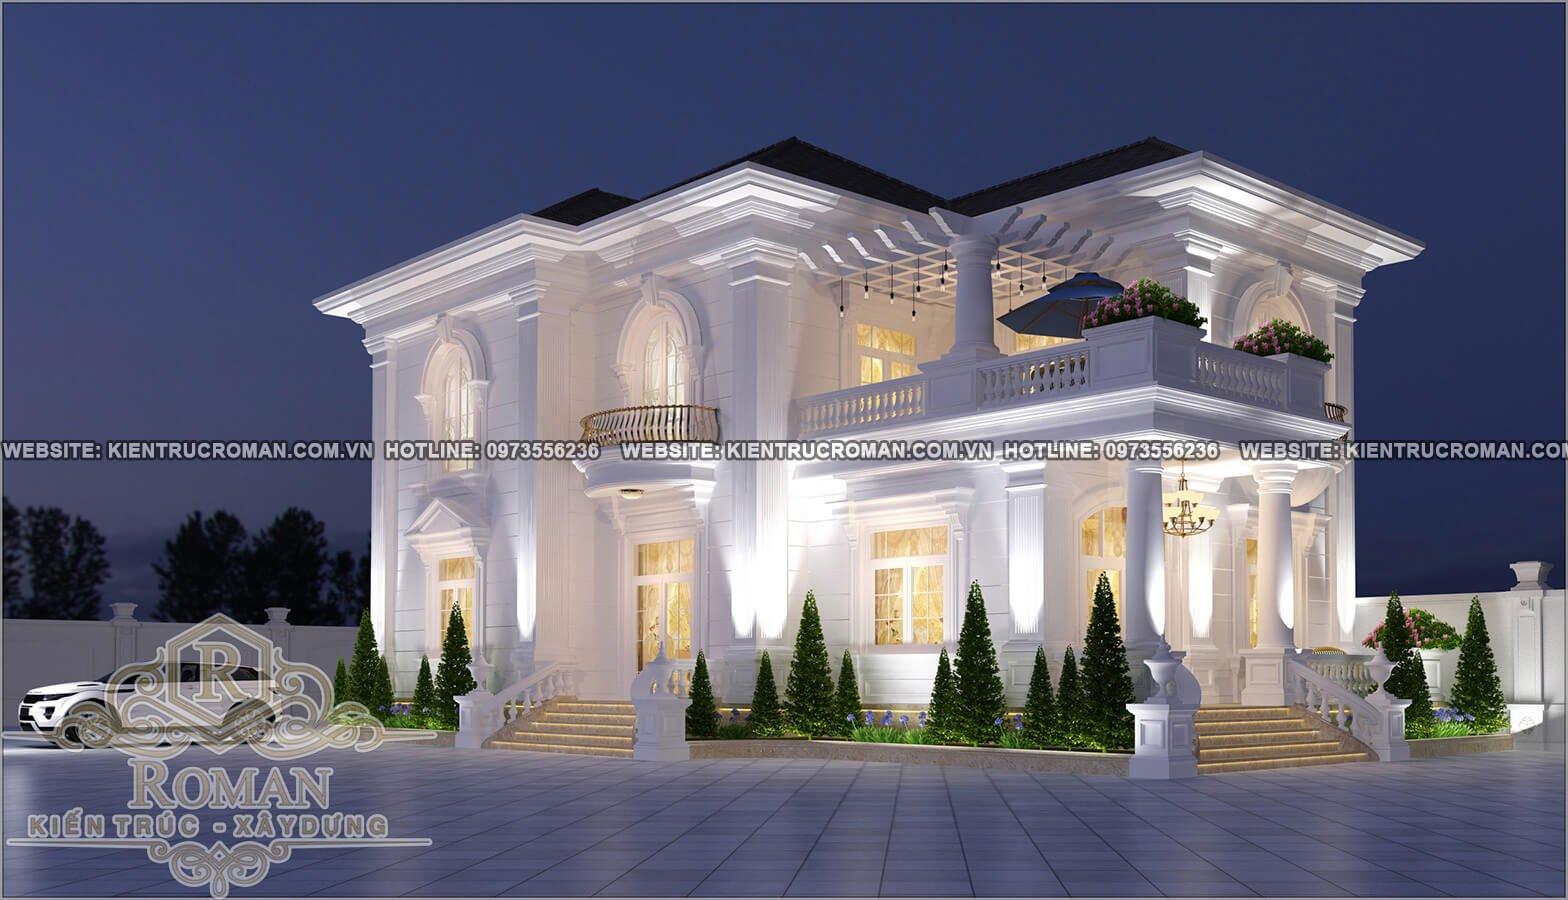 Mê mẫn với mẫu thiết kế biệt thự 2 tầng tân cổ điển hot nhất hiện nay